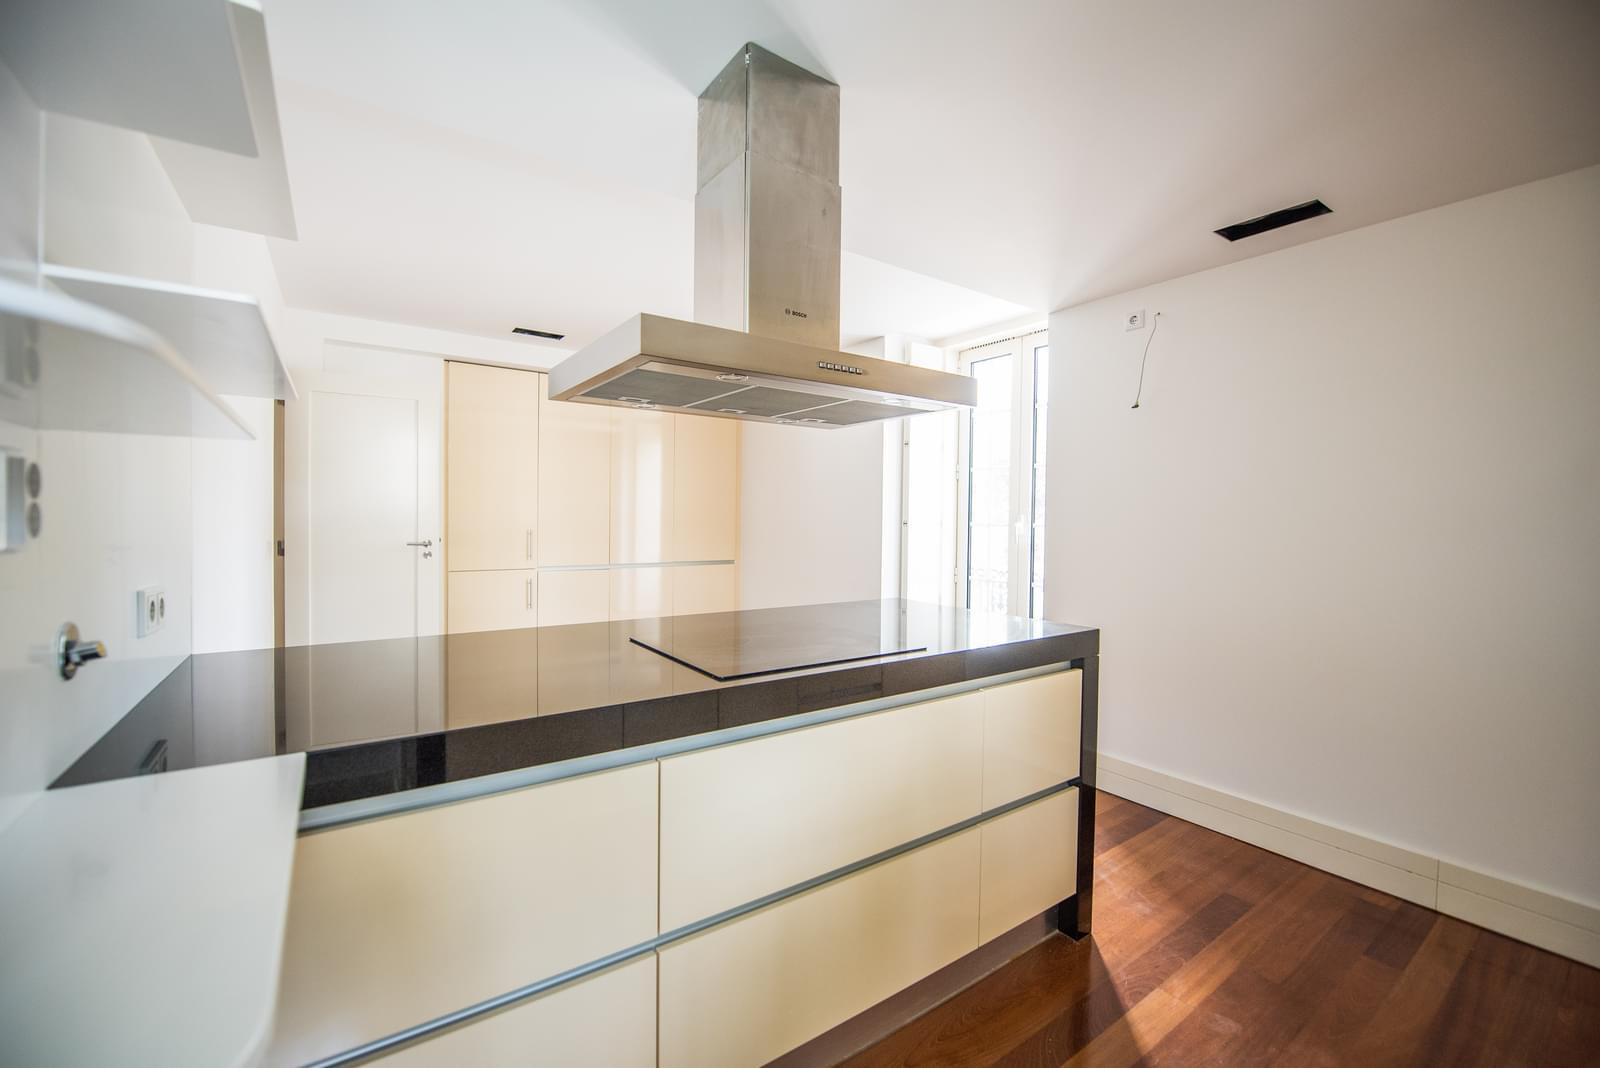 pf19211-apartamento-t4-lisboa-a72fd521-681b-473a-9644-c07d05b6675b